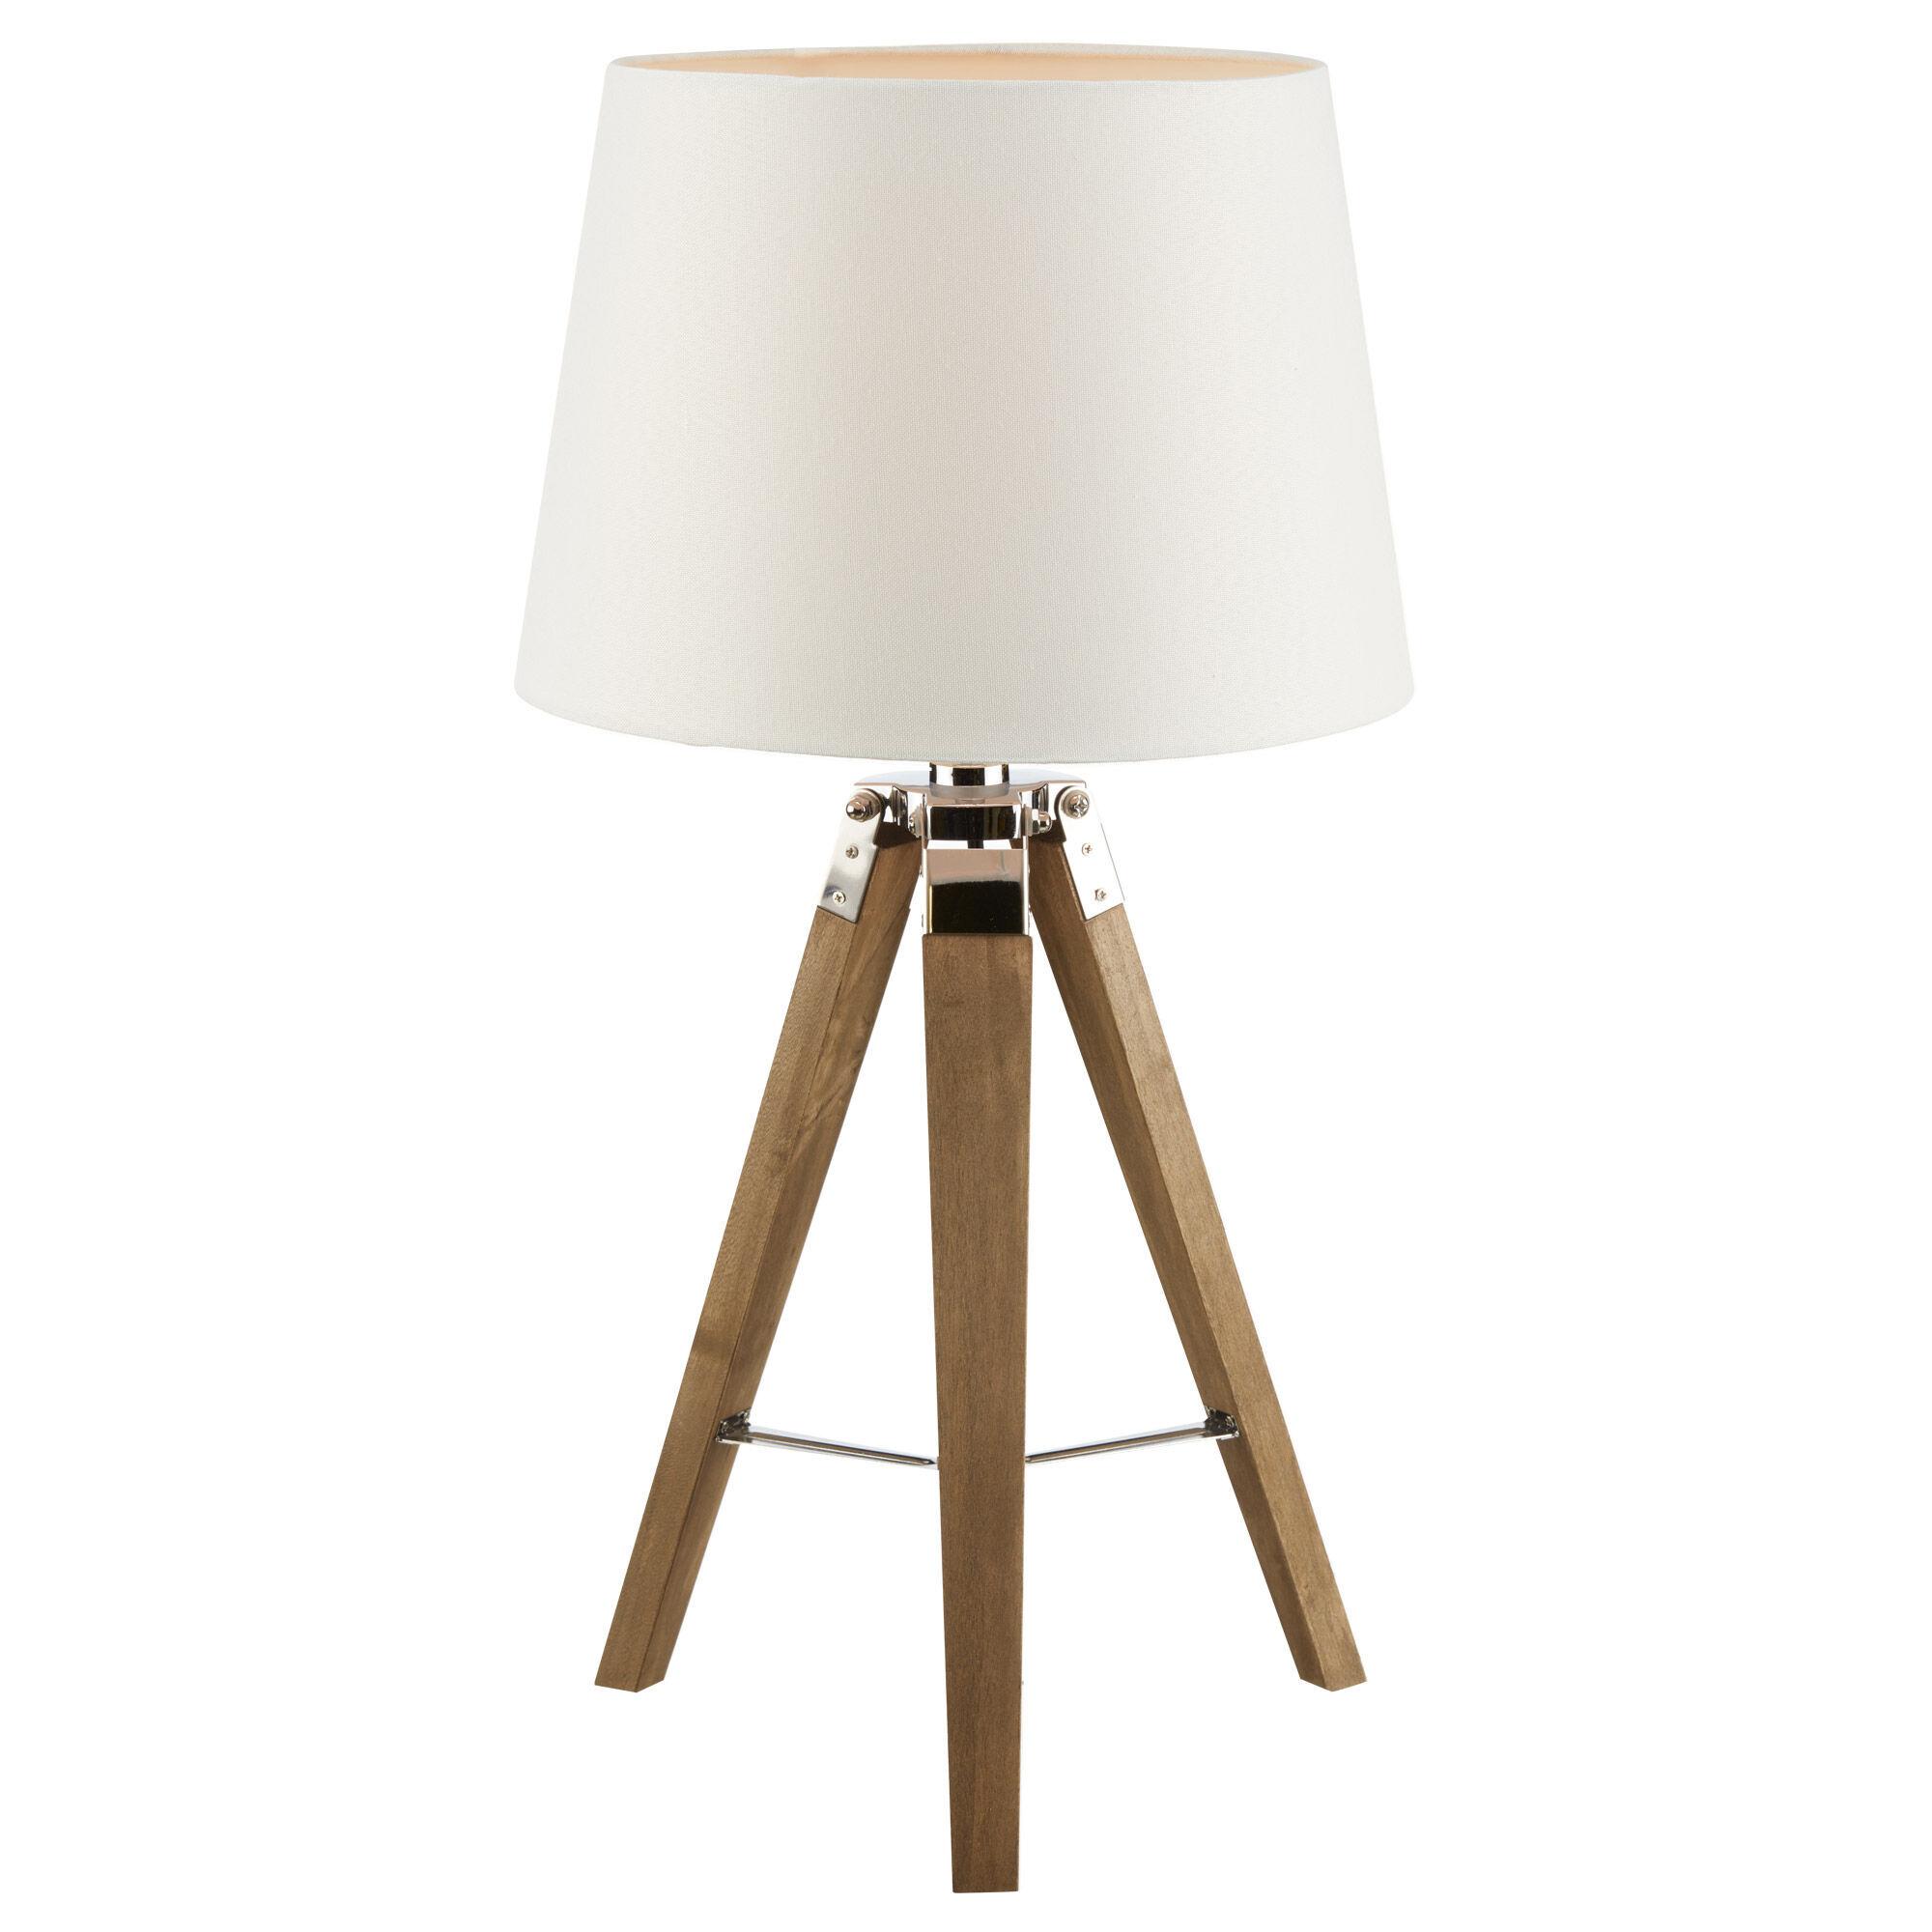 tripod table lamp [ 1250 x 1250 Pixel ]